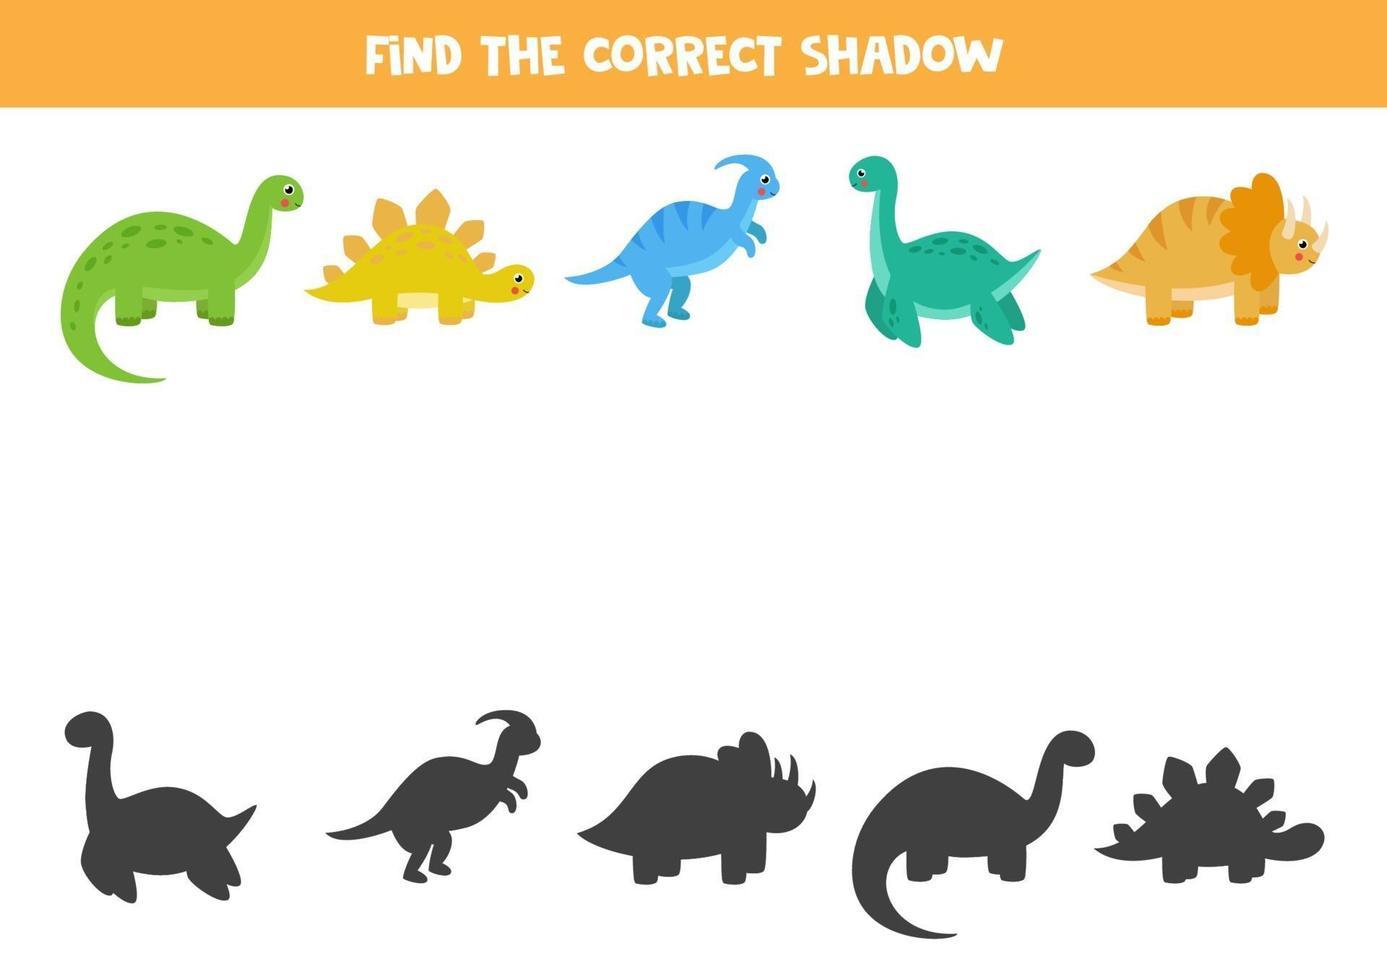 trouvez les ombres correctes des dinosaures. puzzle logique pour les enfants. vecteur